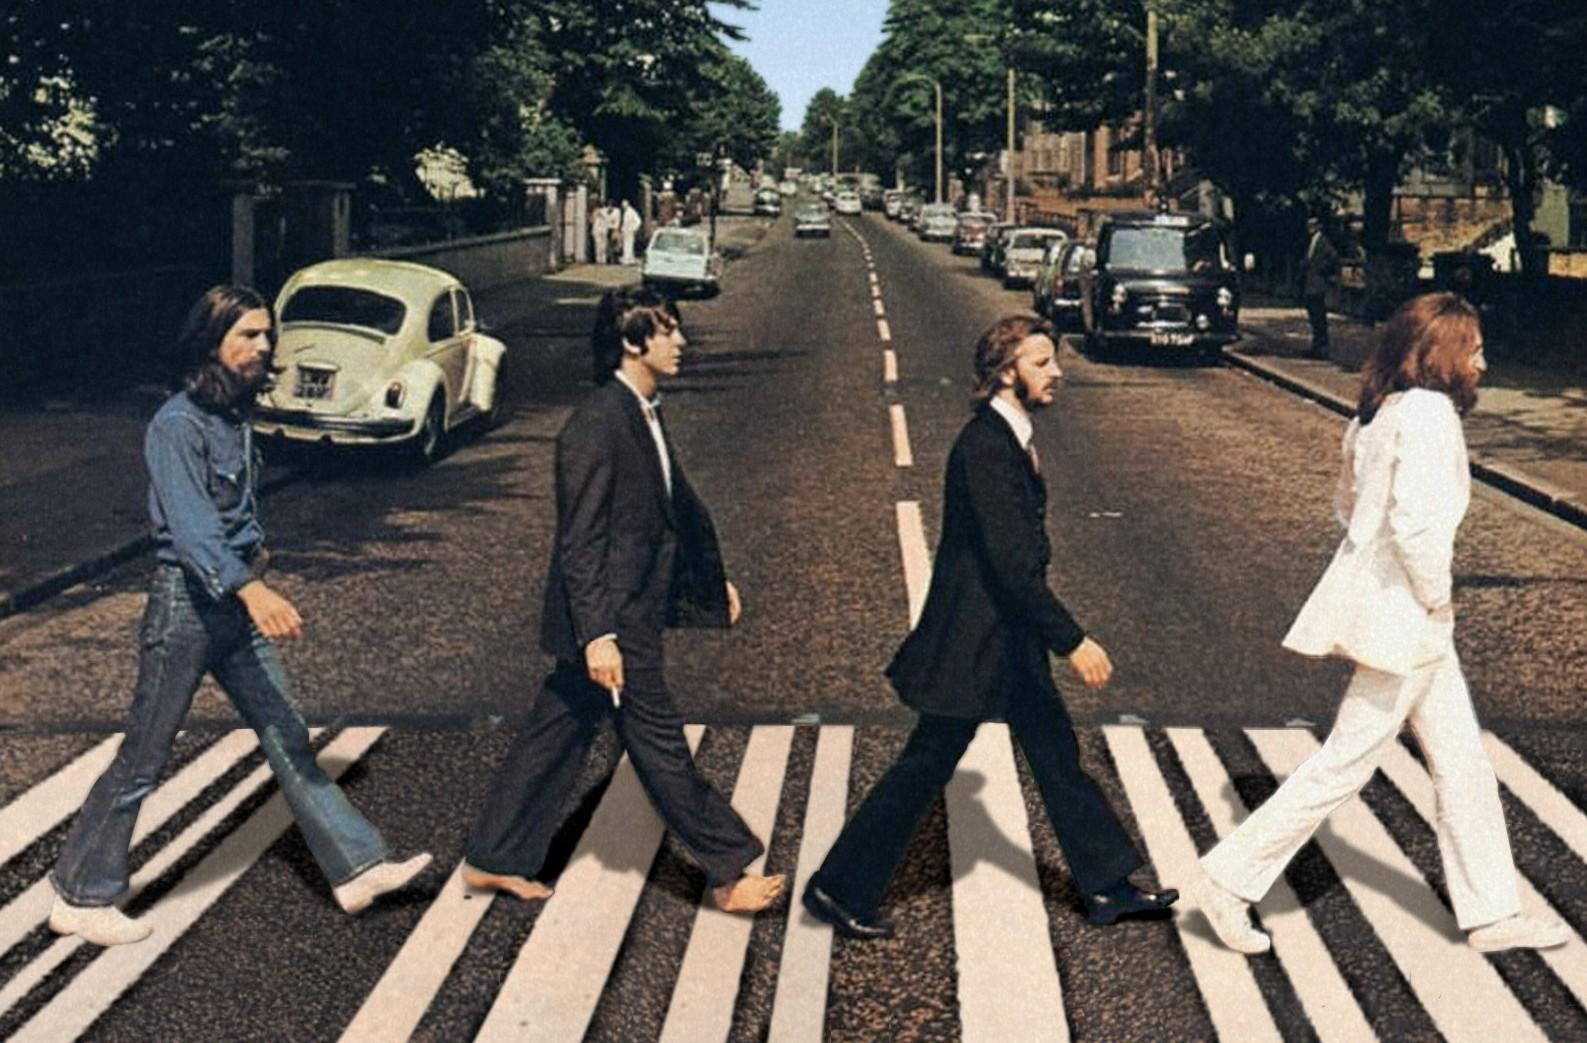 Спустя полвека Пол Маккартни снова пересек пешеходный переход наAbbey Road